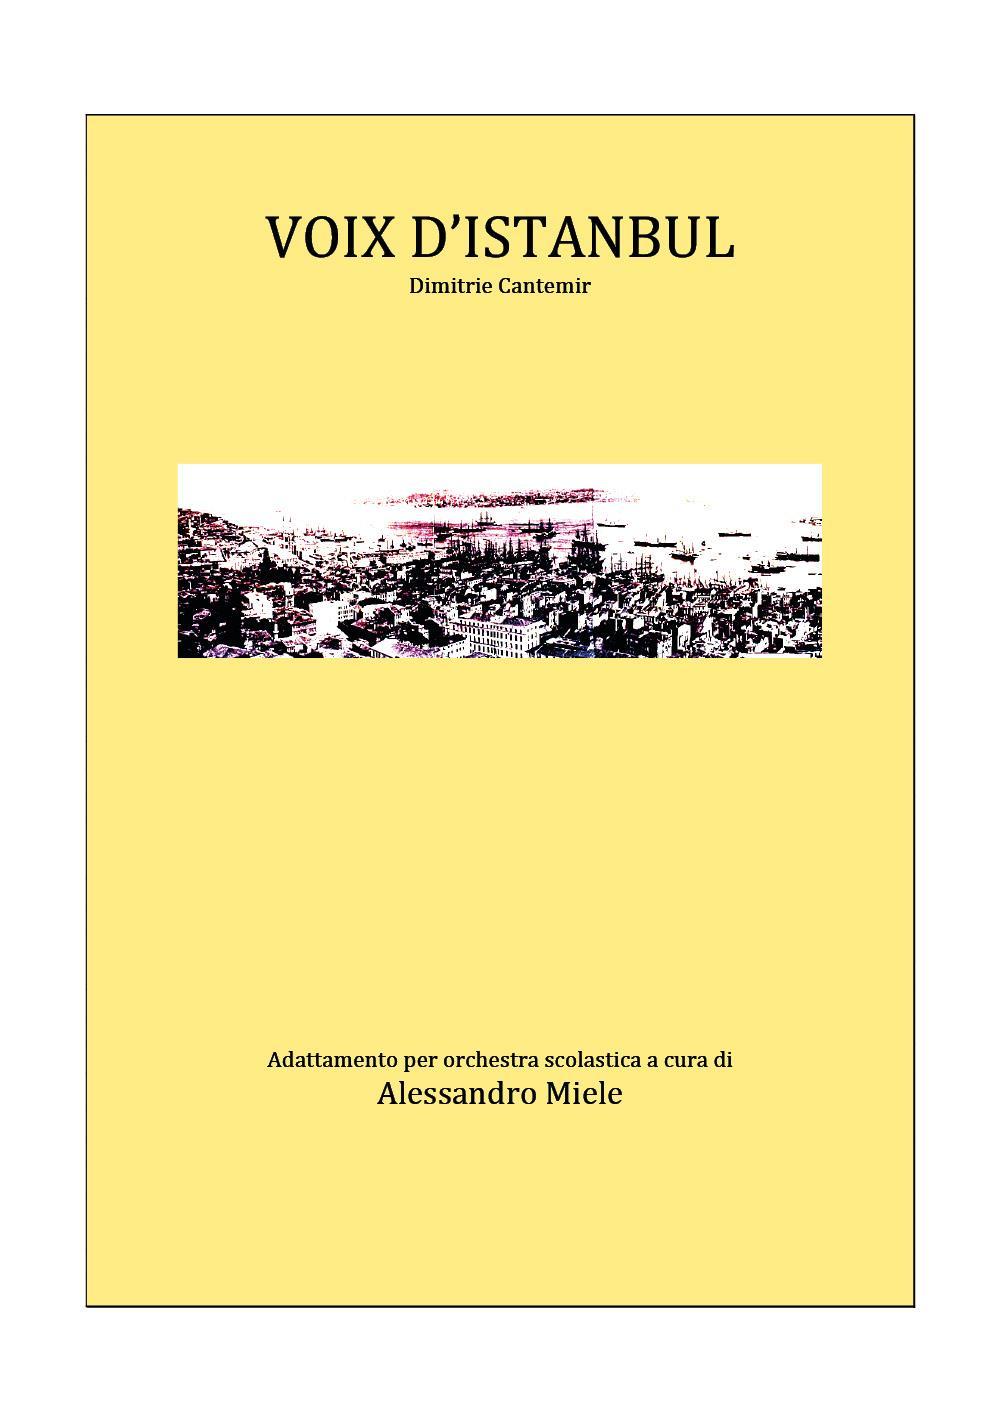 Voix d'Istanbul